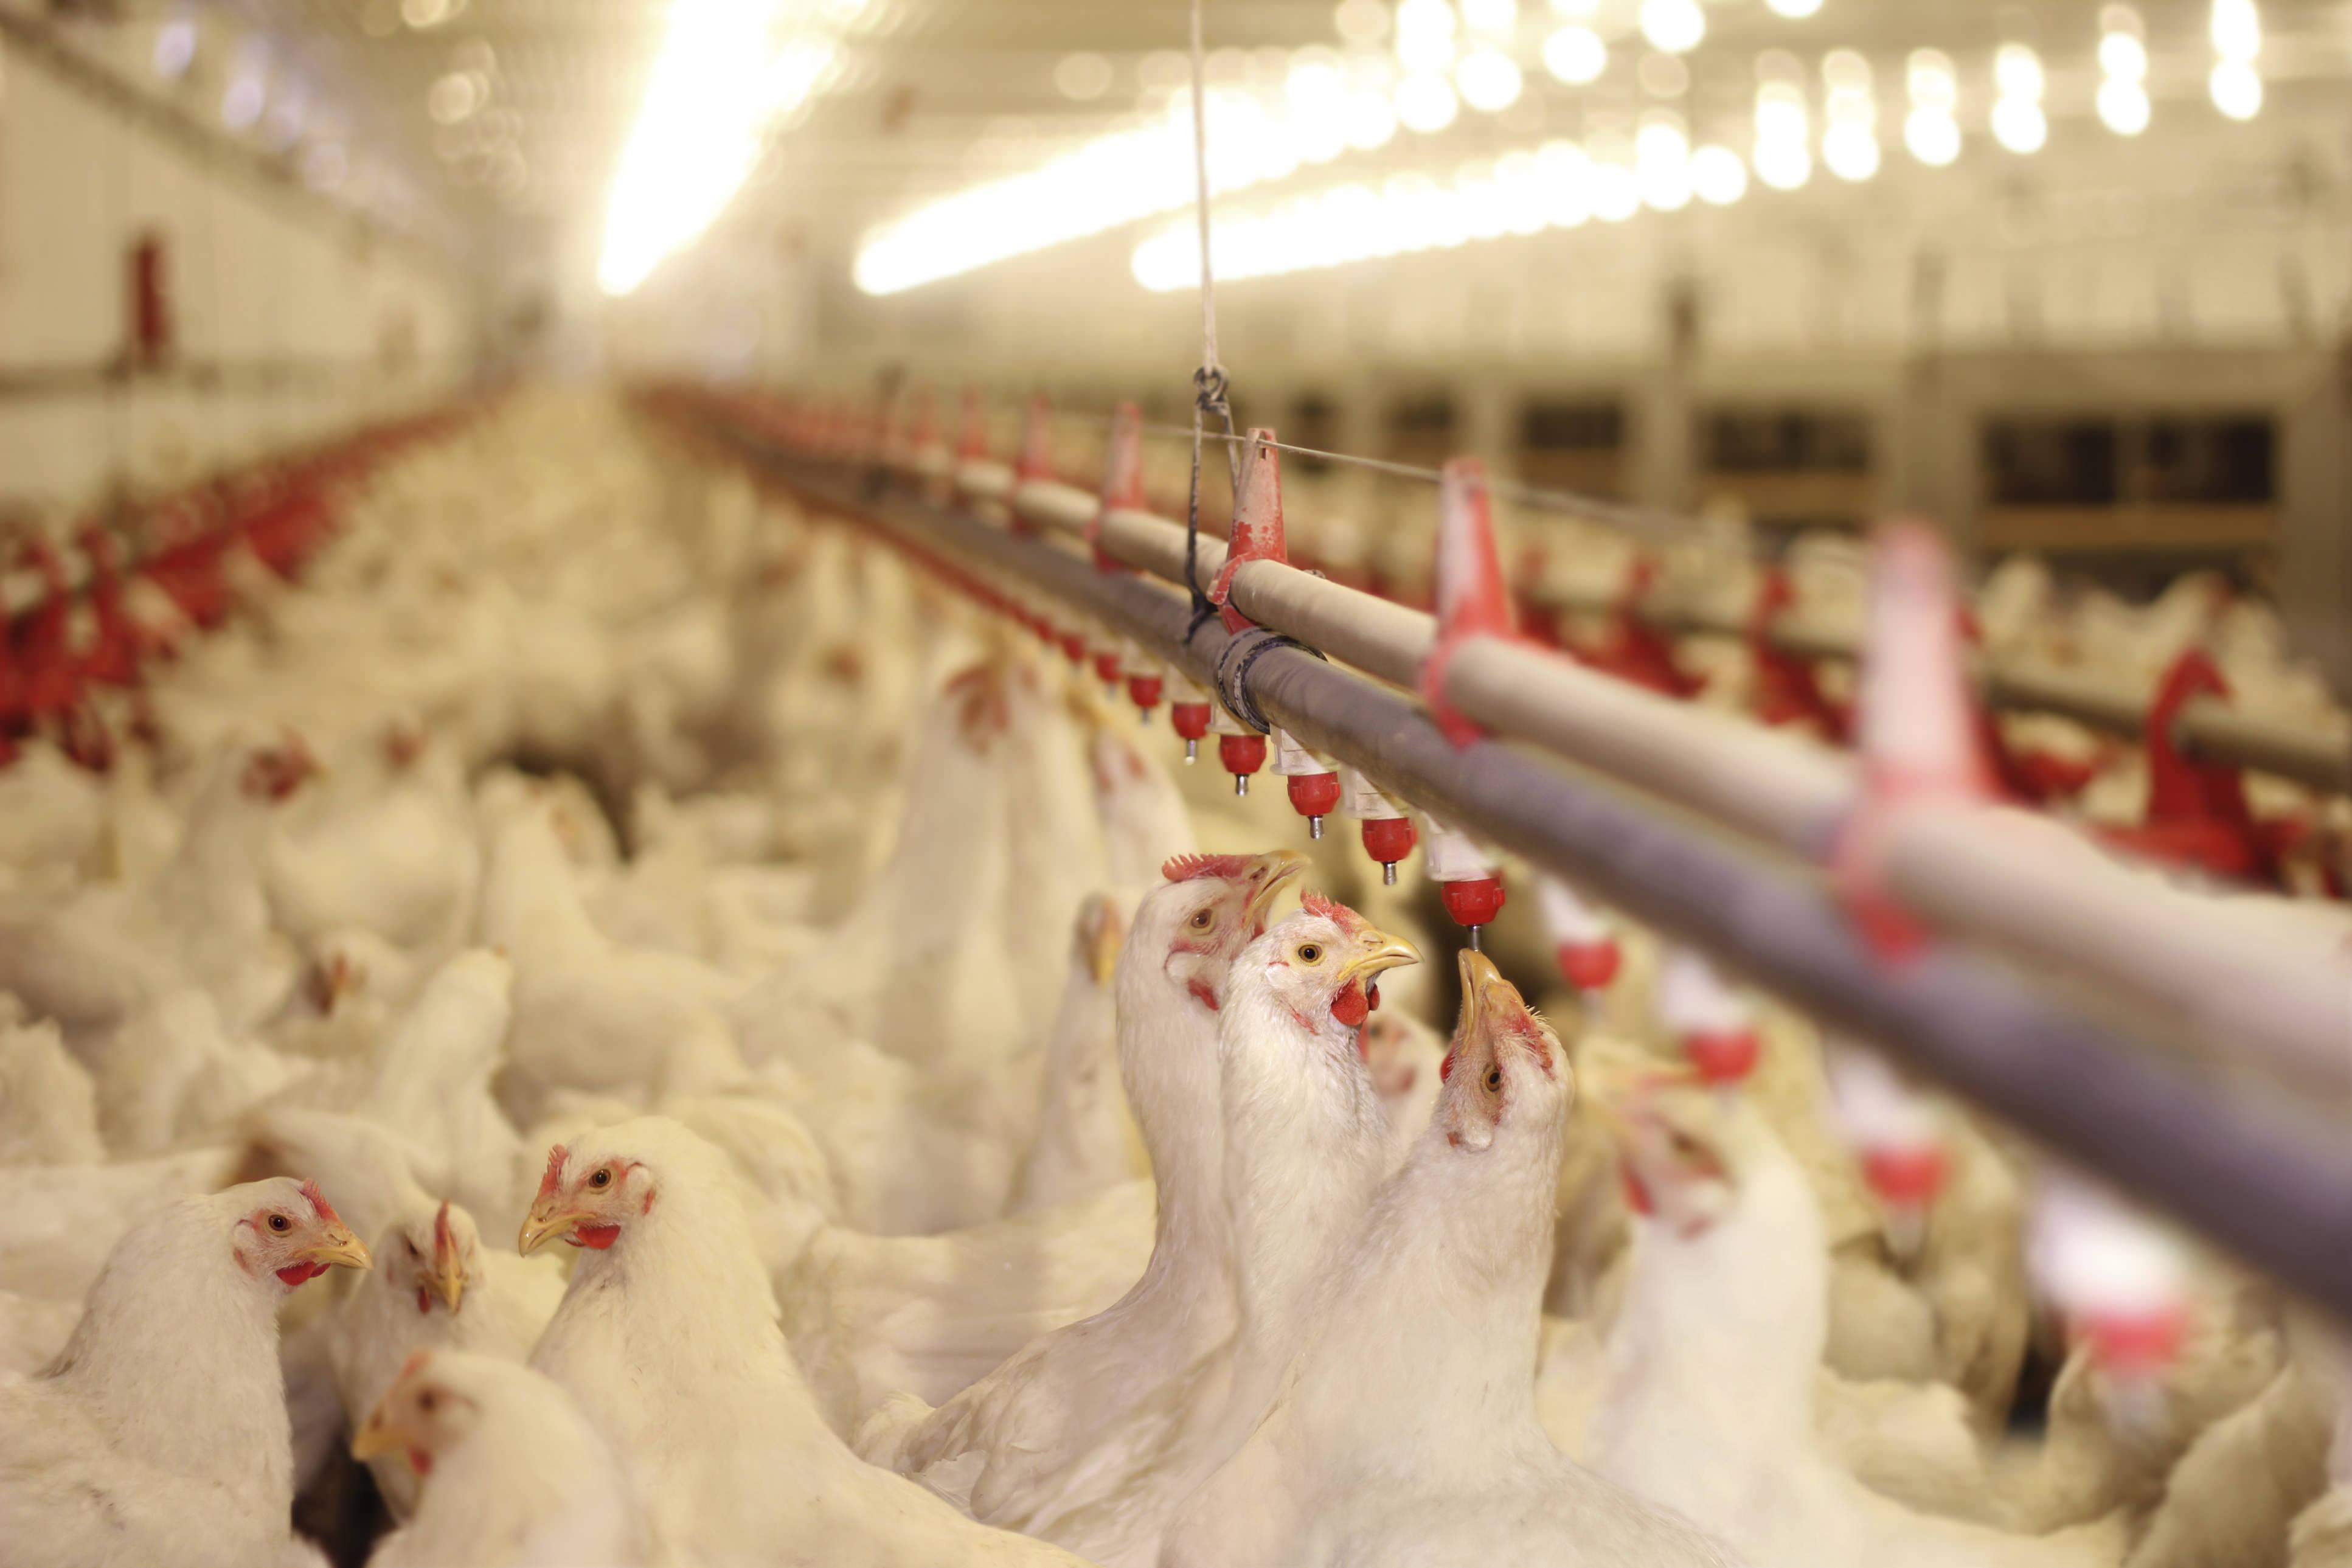 افزایش ۳۰۰ تومانی نرخ مرغ در بازار / قیمت مرغ به ۱۴ هزار تومان رسید